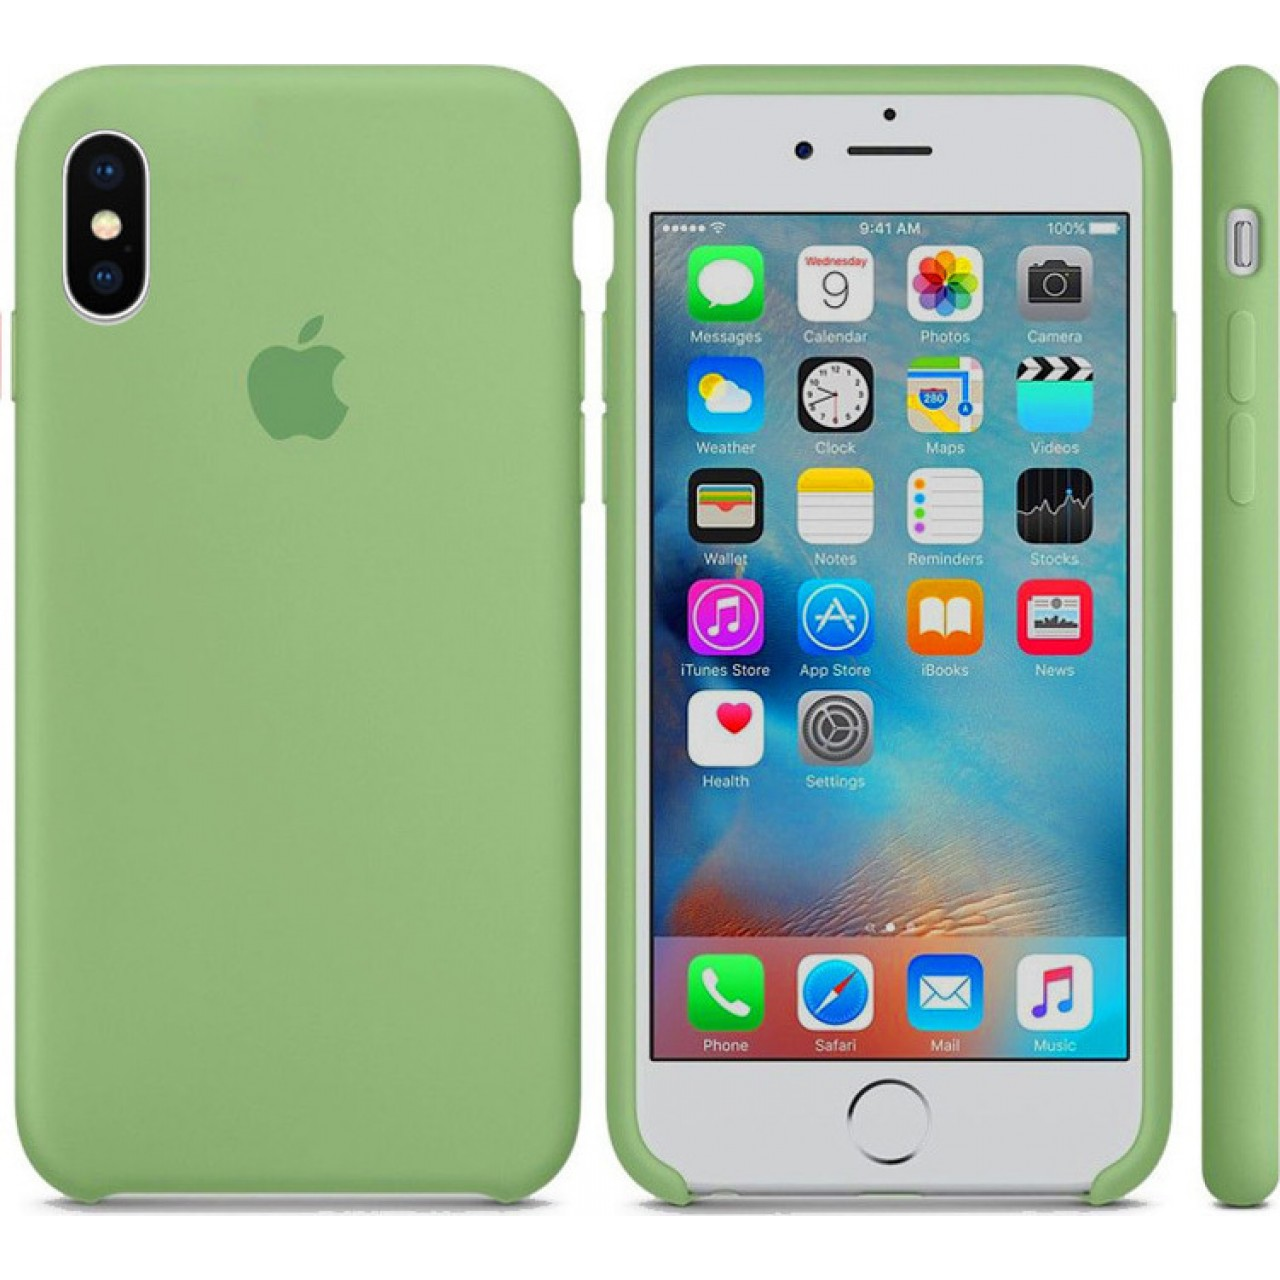 ΘΗΚΗ ΠΡΟΣΤΑΣΙΑΣ ΣΙΛΙΚΟΝΗΣ ΓΙΑ iPhone XR ΜΕΝΤΑ - BACK COVER SILICONE CASE MINT- OEM